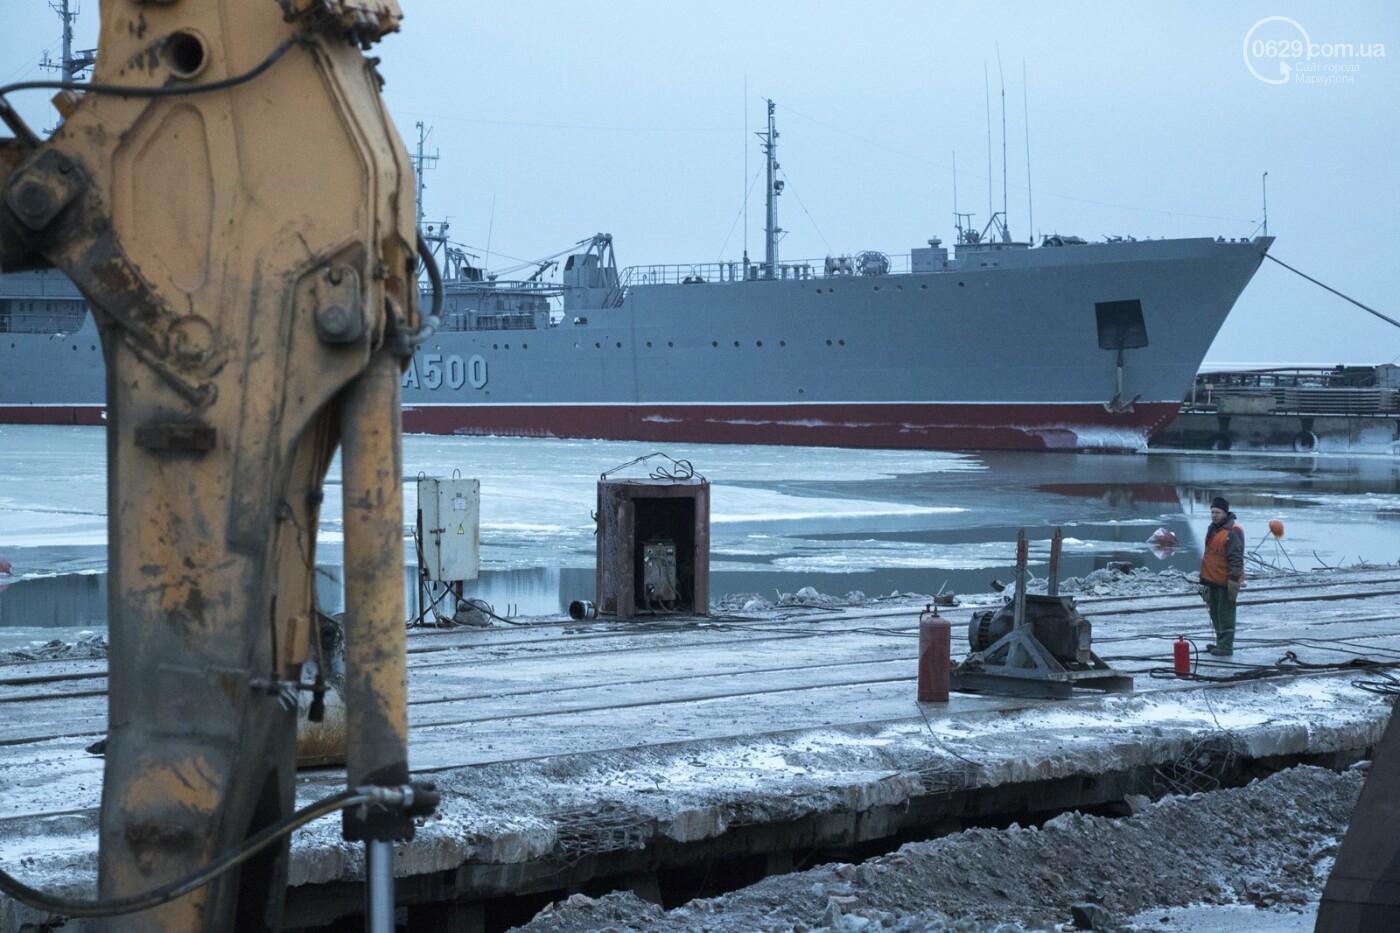 Из-за строительства Керченского моста и незаконной блокады порт Мариуполя потерял 6 миллиардов гривен, - ФОТО, фото-3